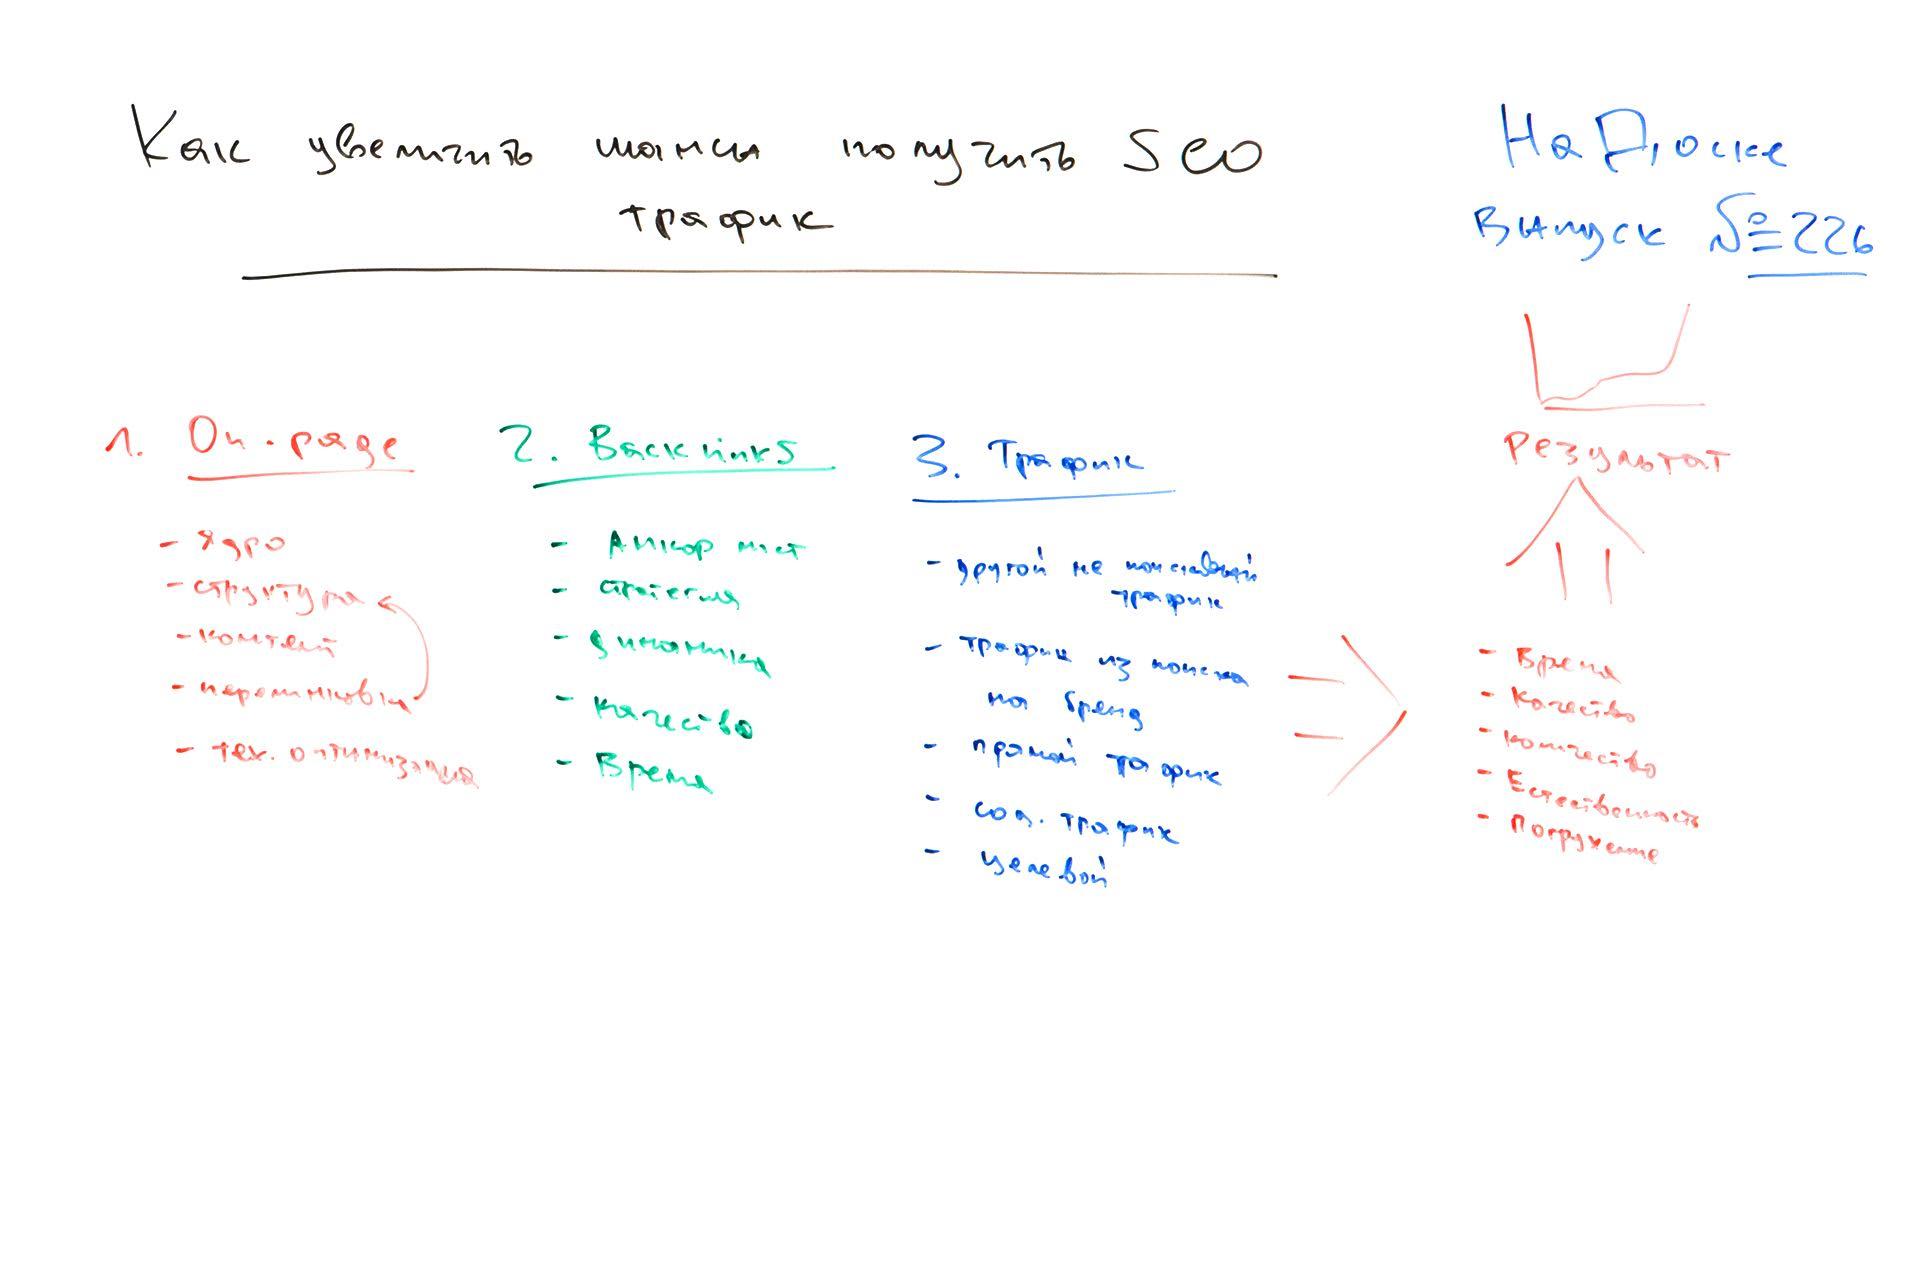 Фото с доски: Как увеличить шансы получить нужный SEO трафик - На Доске - выпуск № 226